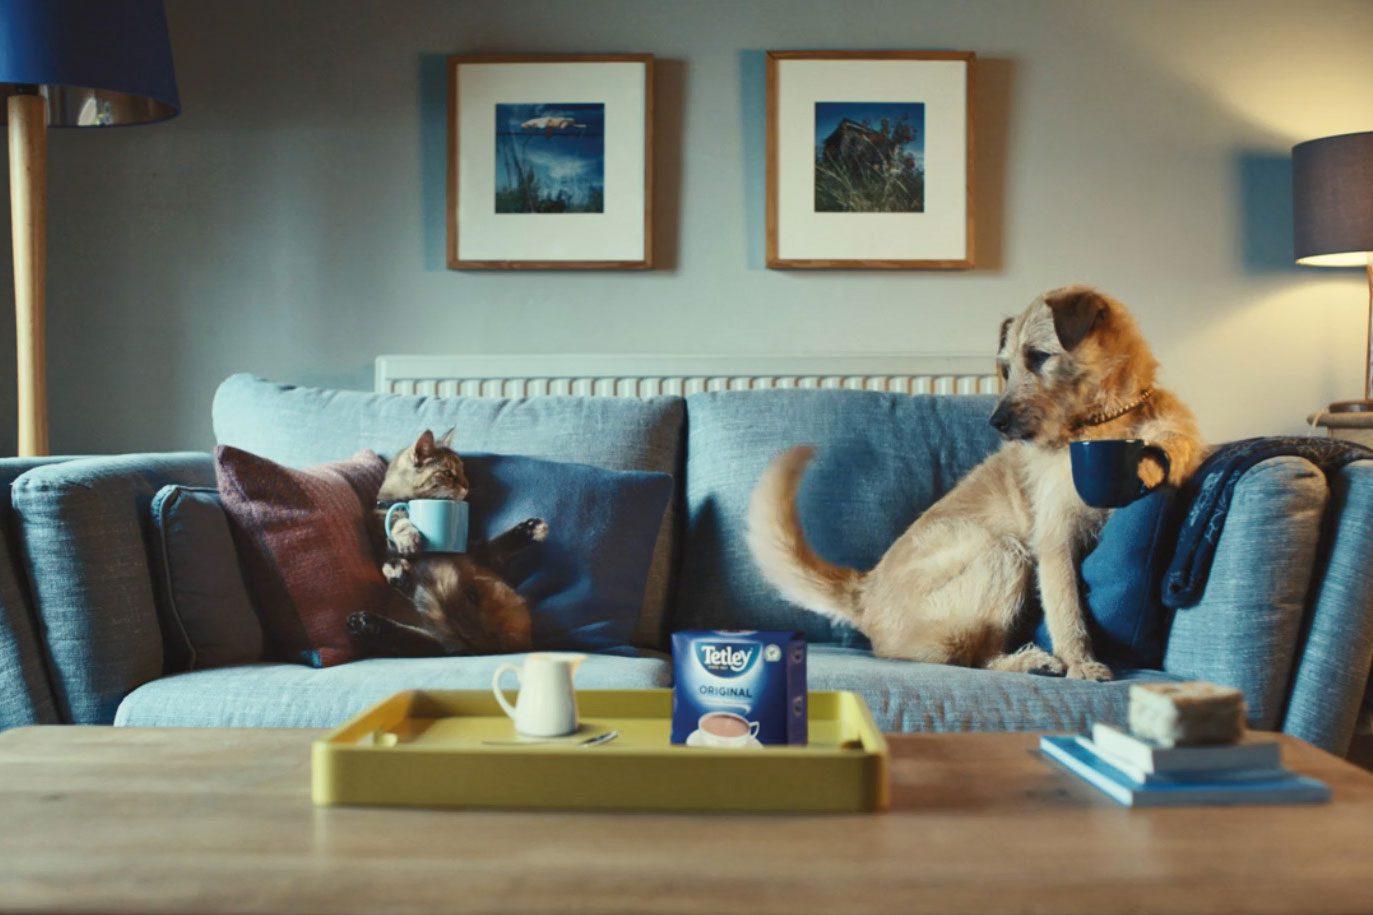 dog on sofa drinking tetley